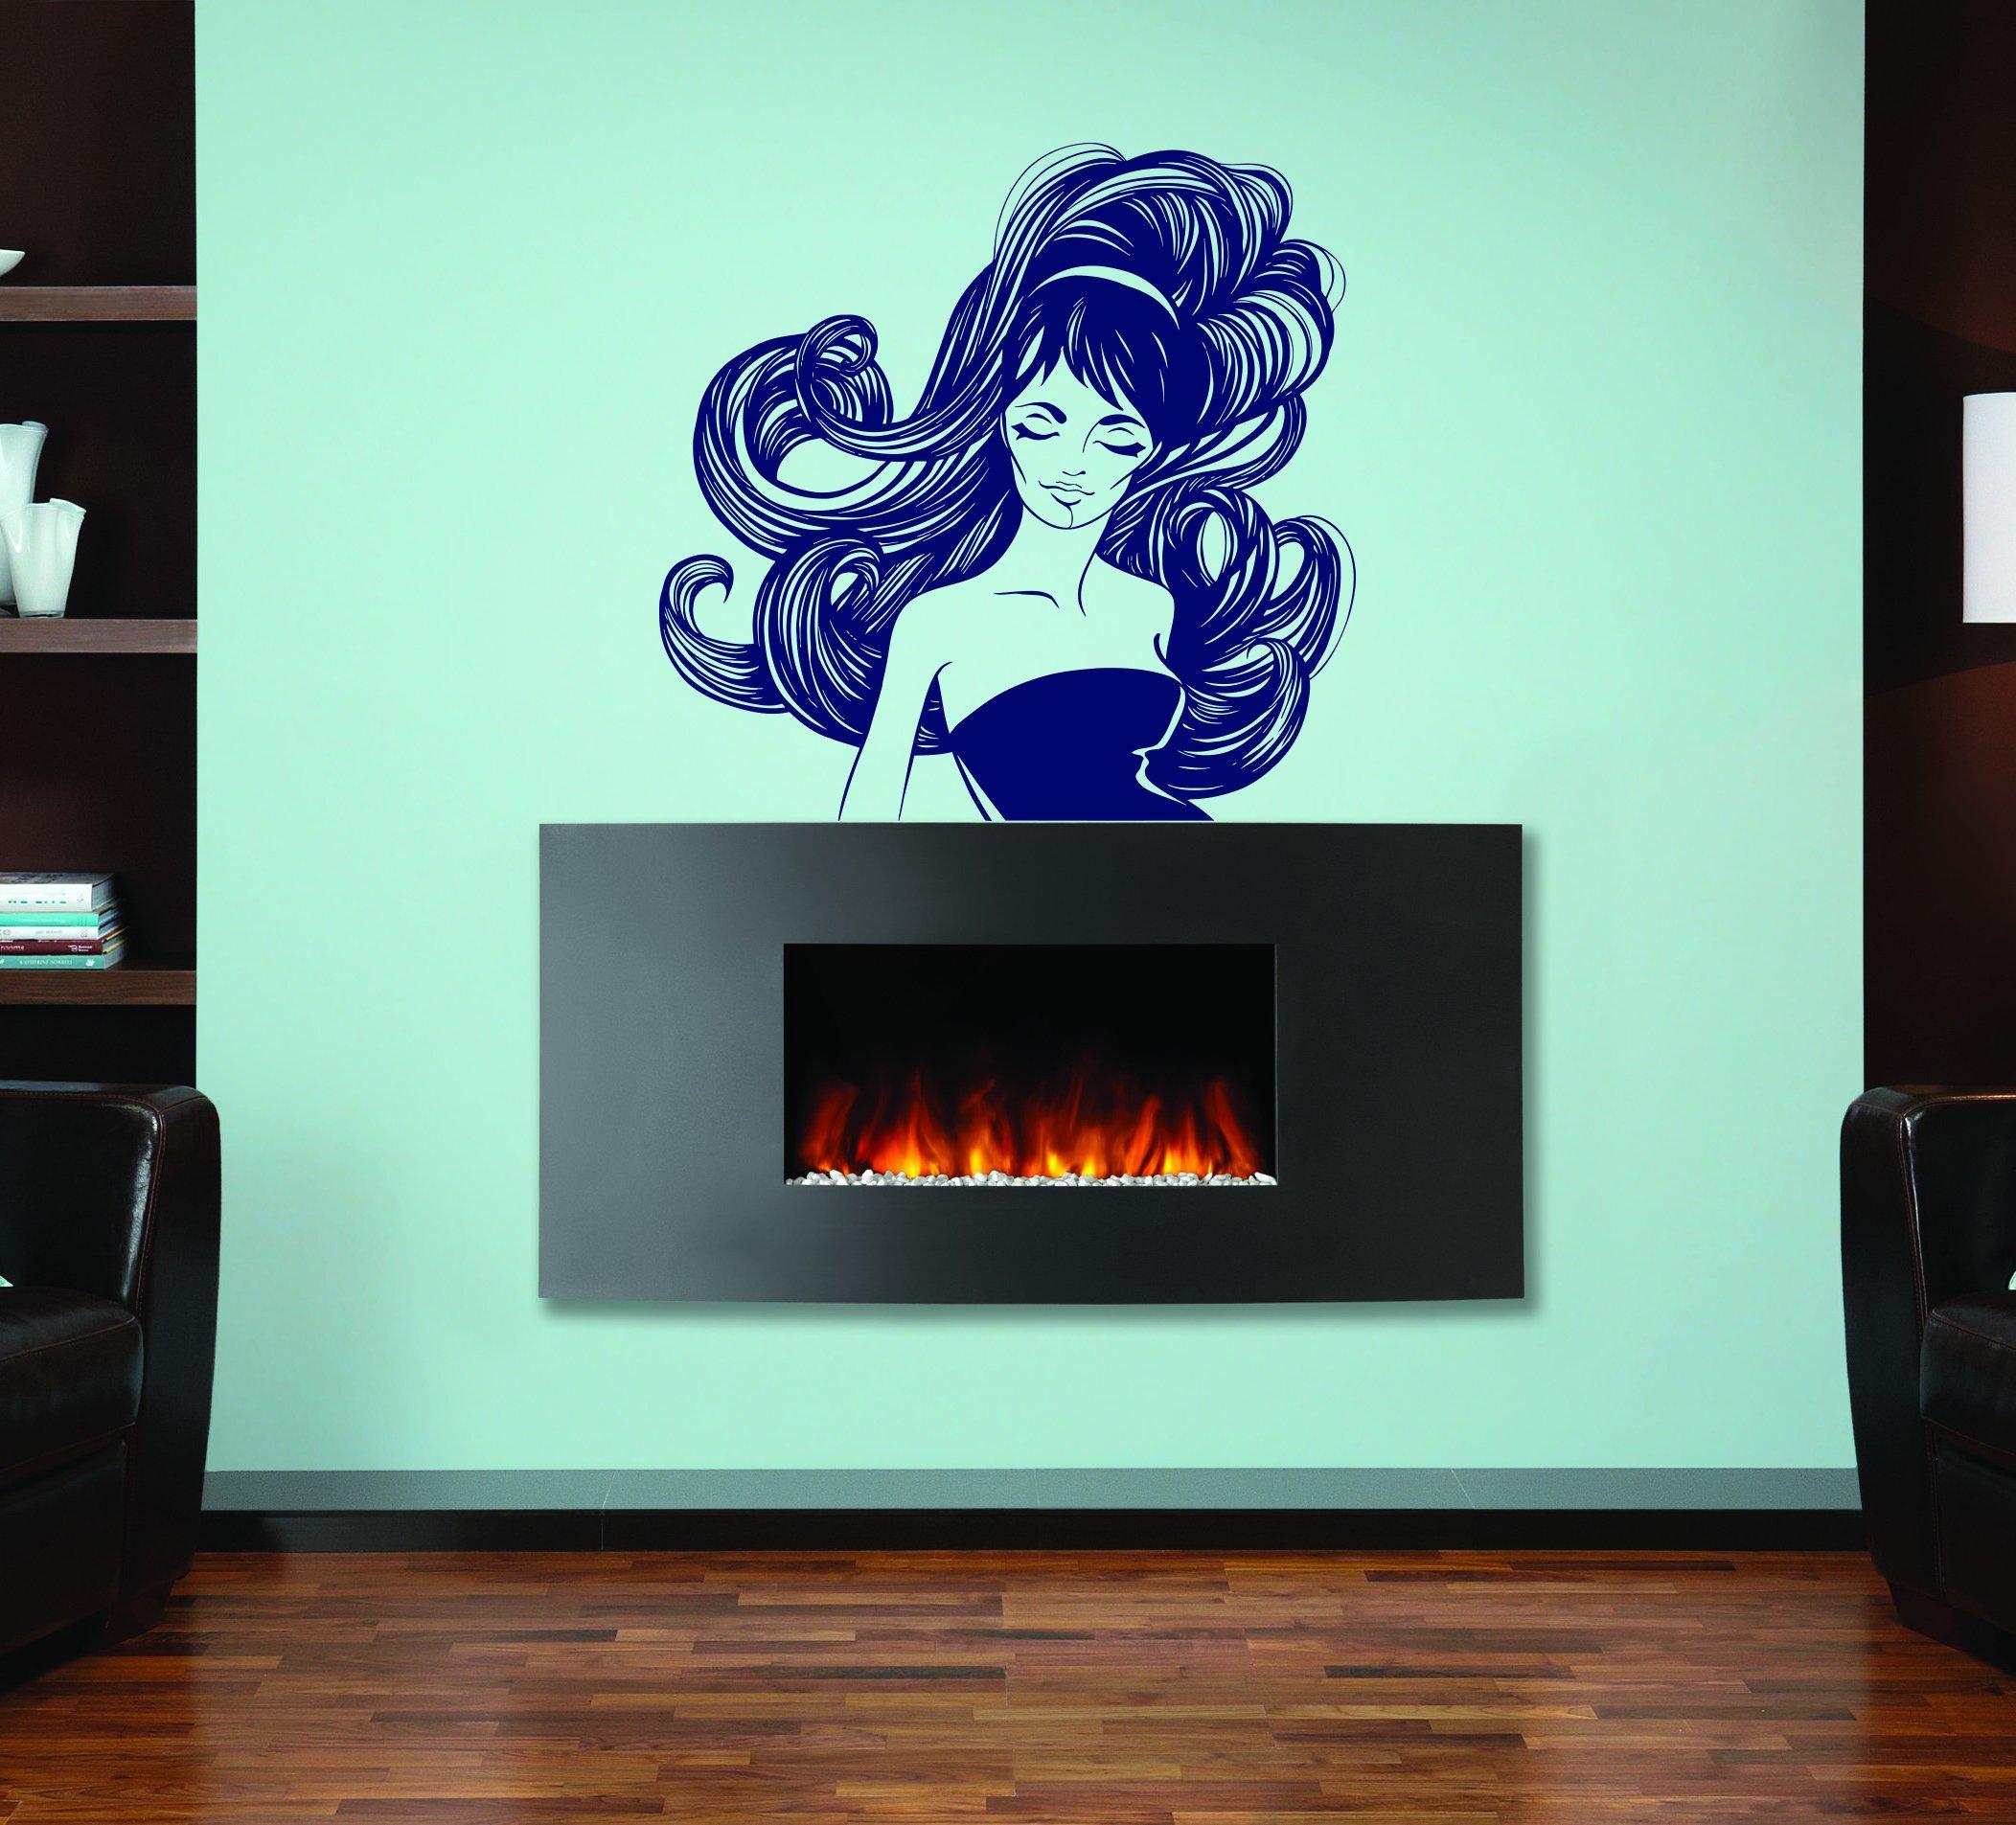 Beautiful Woman Beauty Salon Spa Kids Room Children Stylish Wall Art Sticker Decal G8085